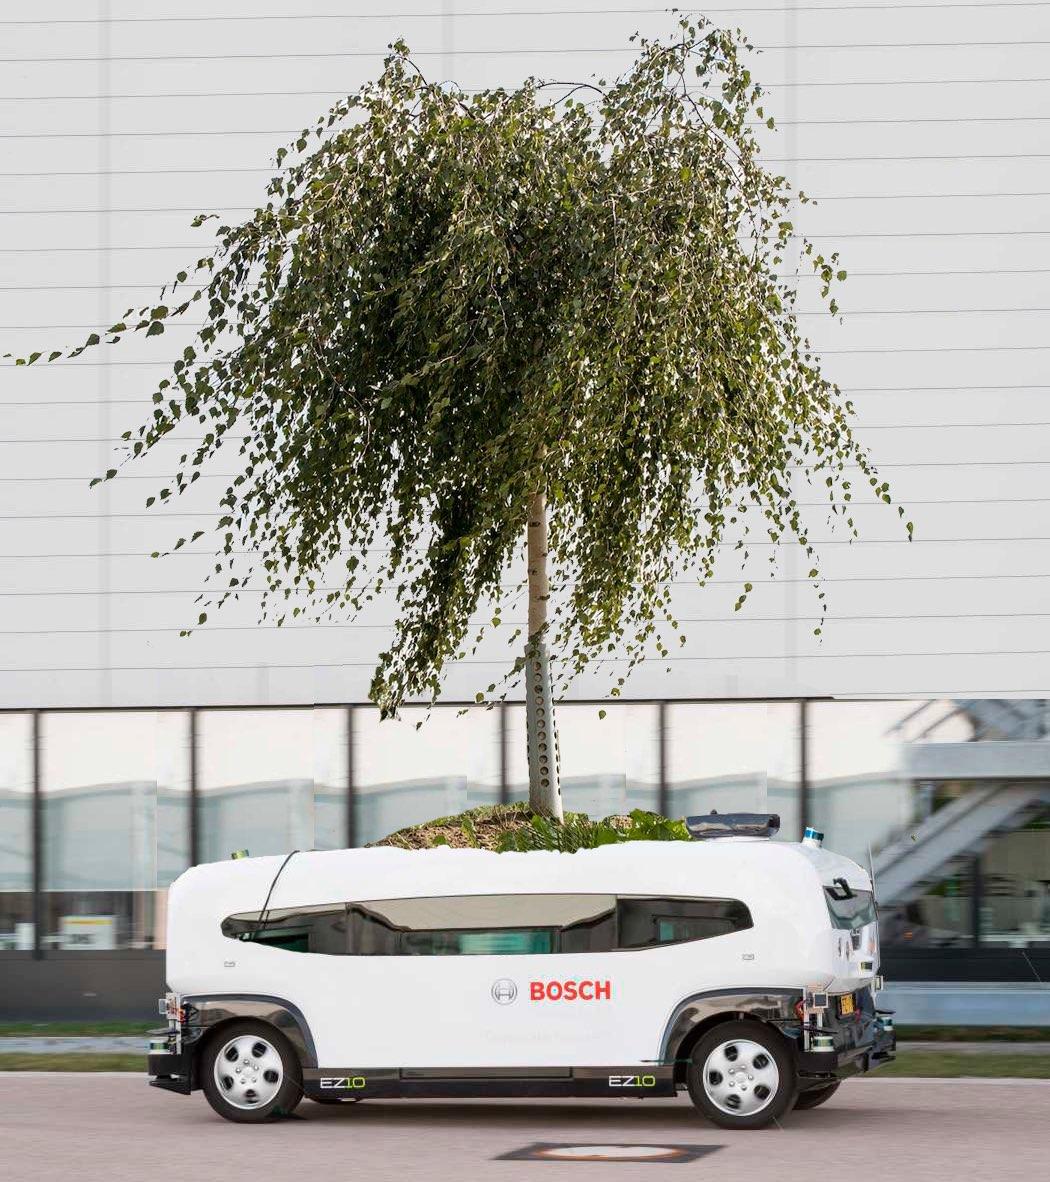 Visualisierung - autonom fahrende Birke im öffentlichen Straßenverkehr im Niedriggeschwindigkeitssektor